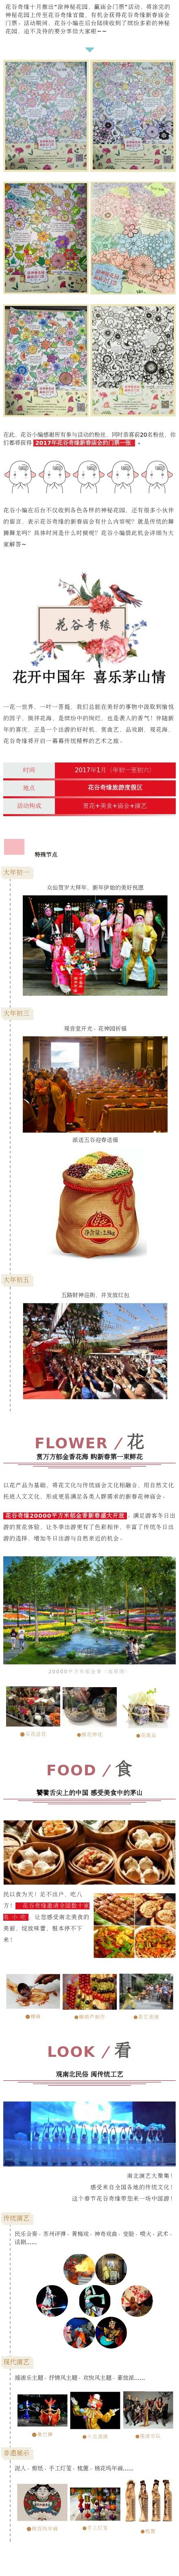 春节传统节日喜庆文章模板